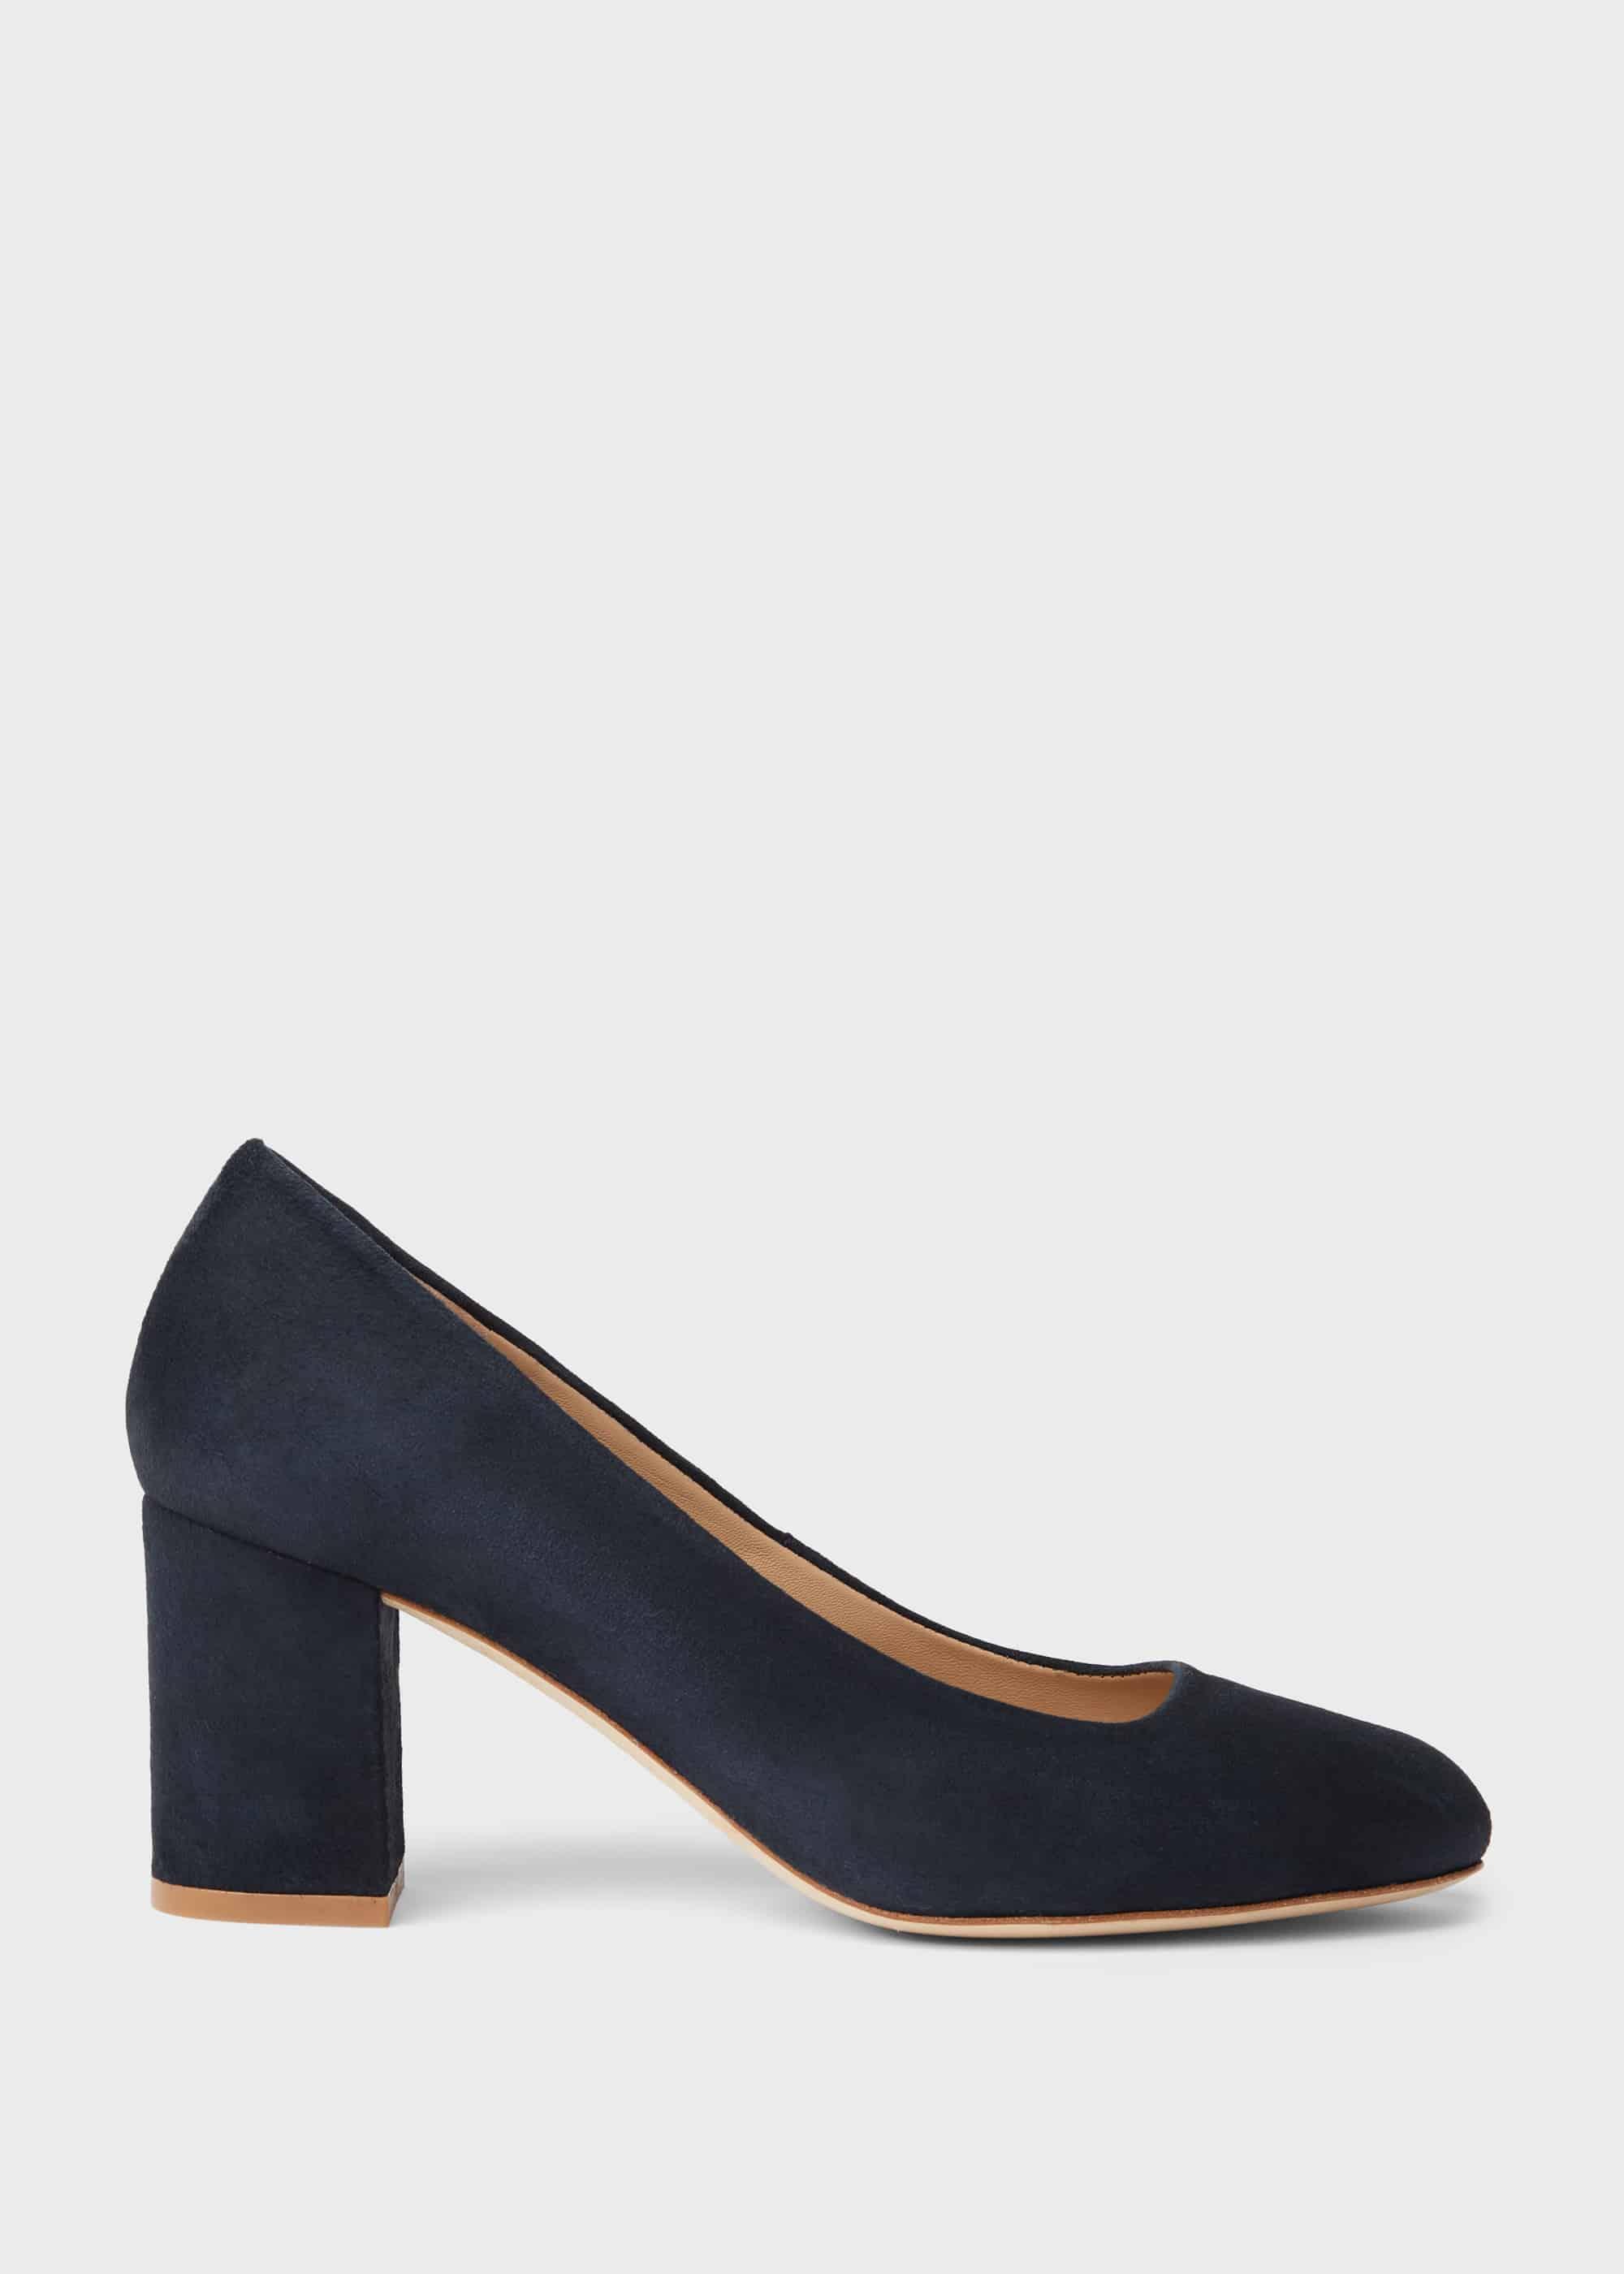 Hobbs Women Lucy Wide Fit Suede Block Heel Court Shoes